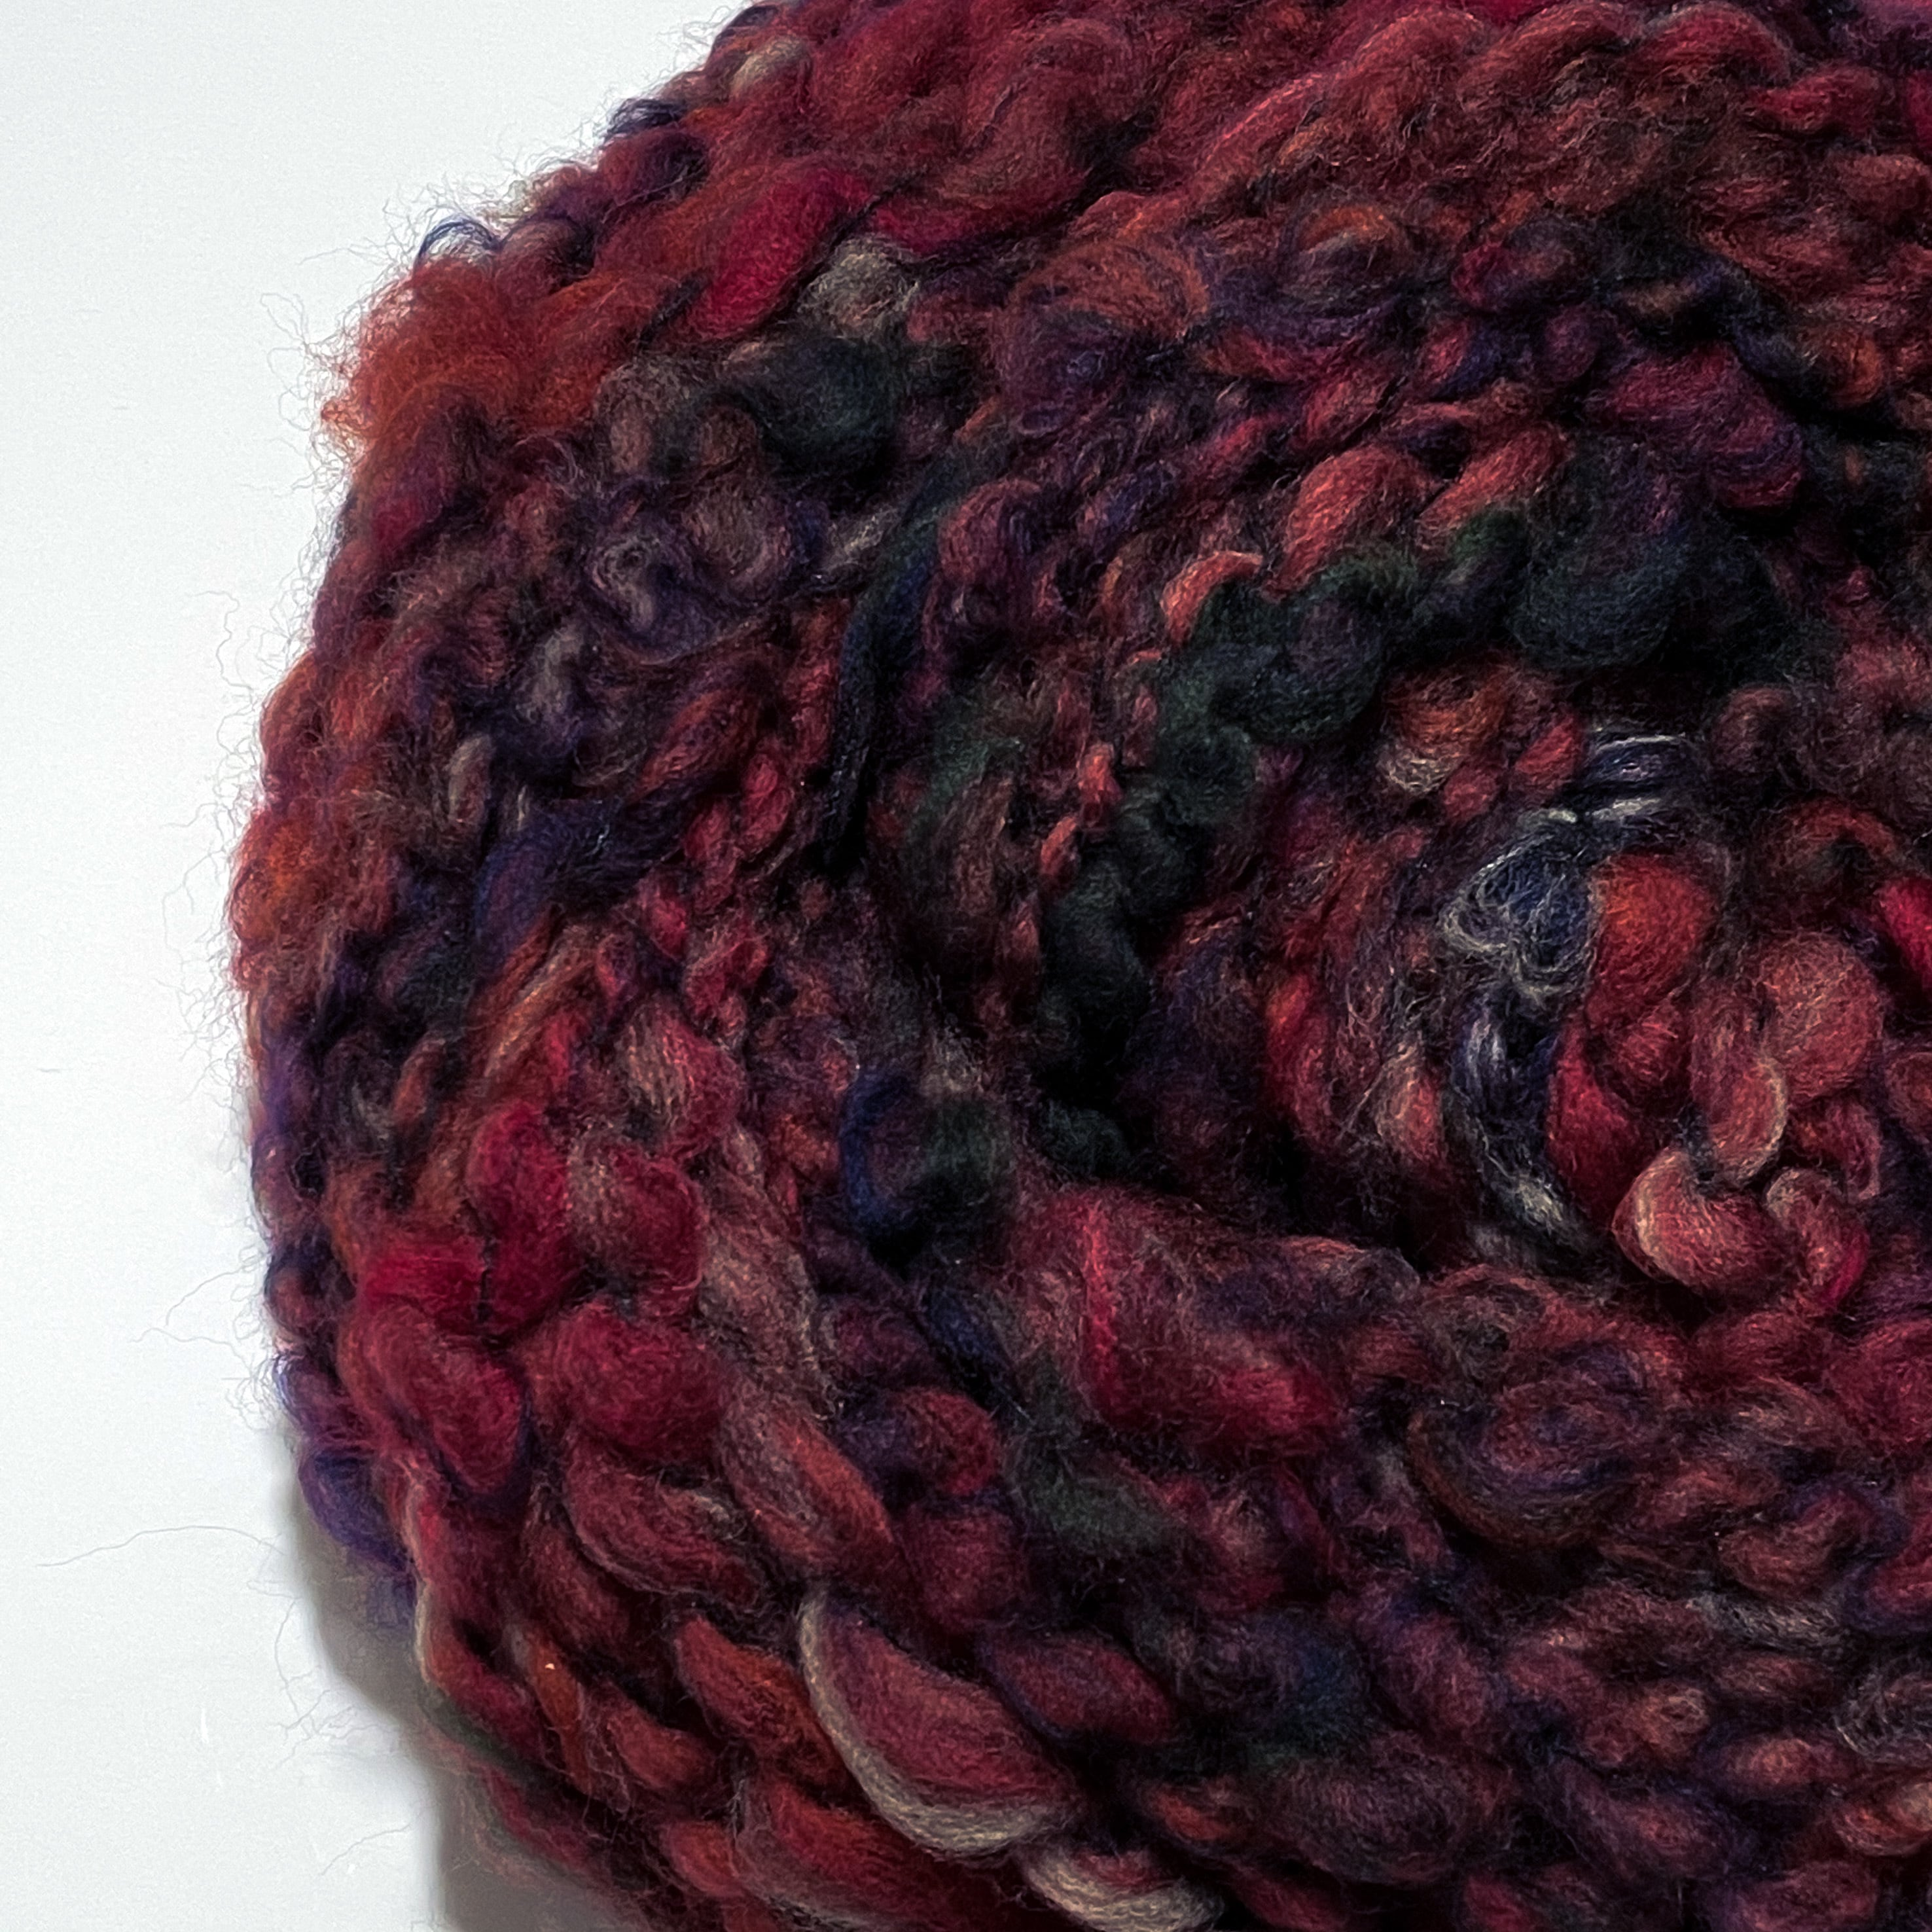 Cloud yarn -No.26 / 46g-